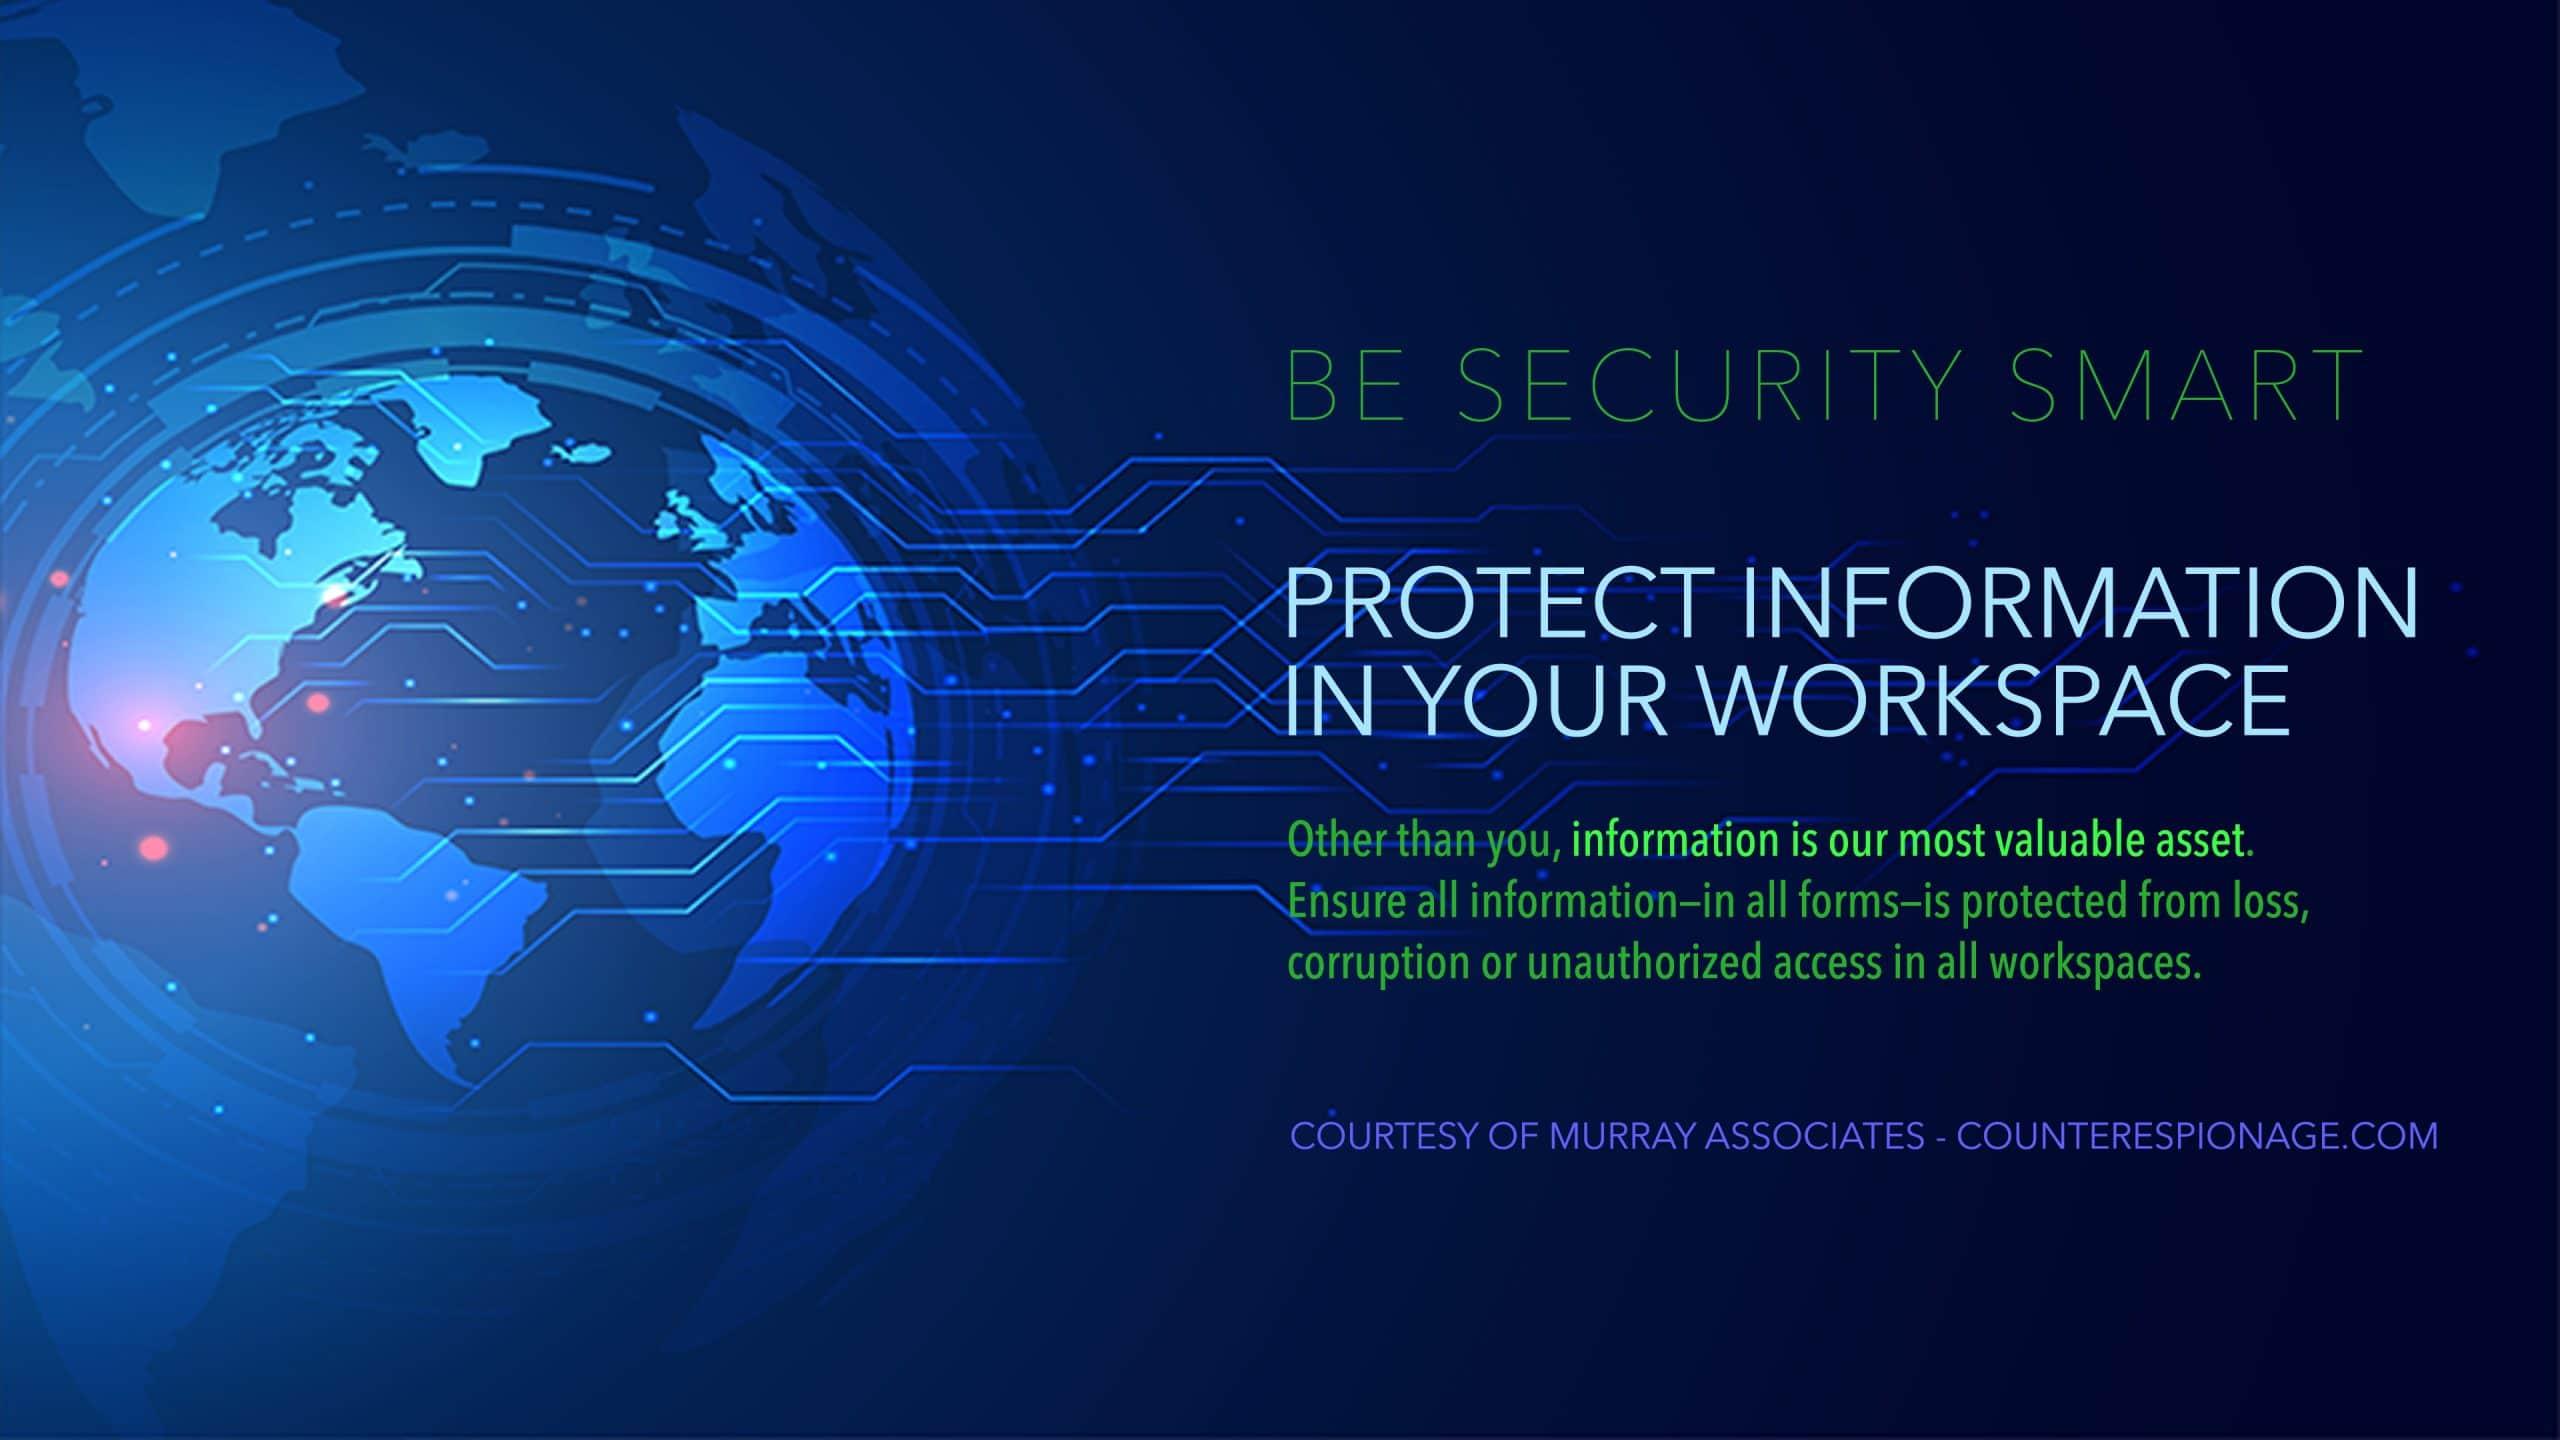 Security Screen Saver 3-1